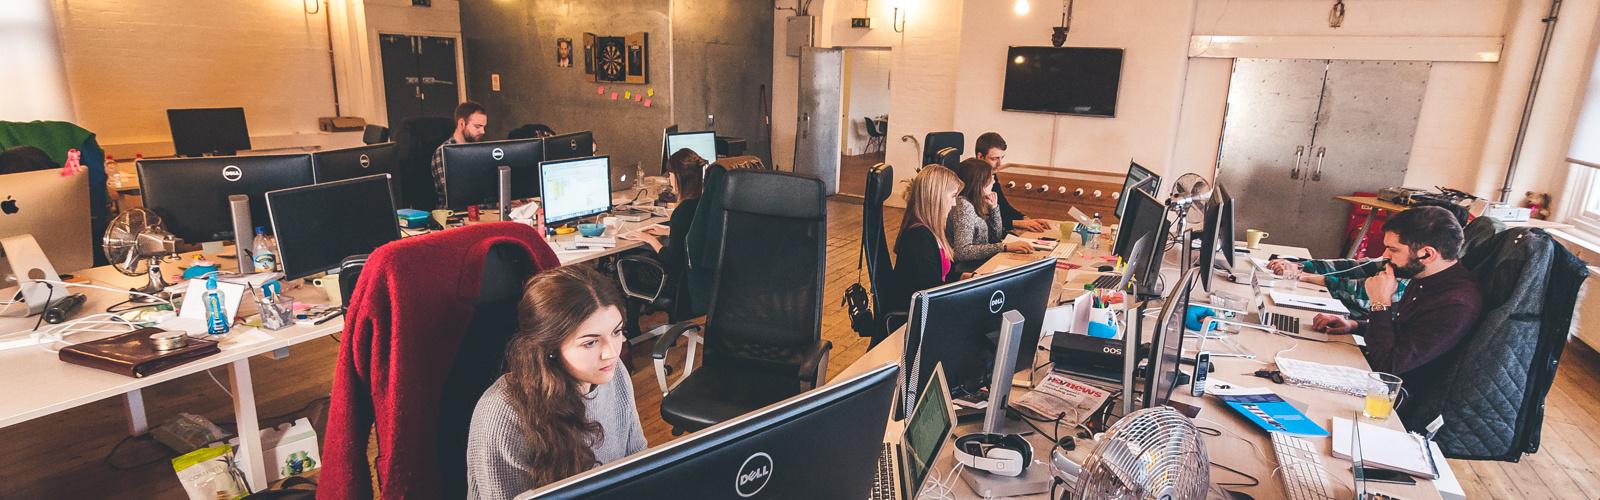 impression agency studio nottingham